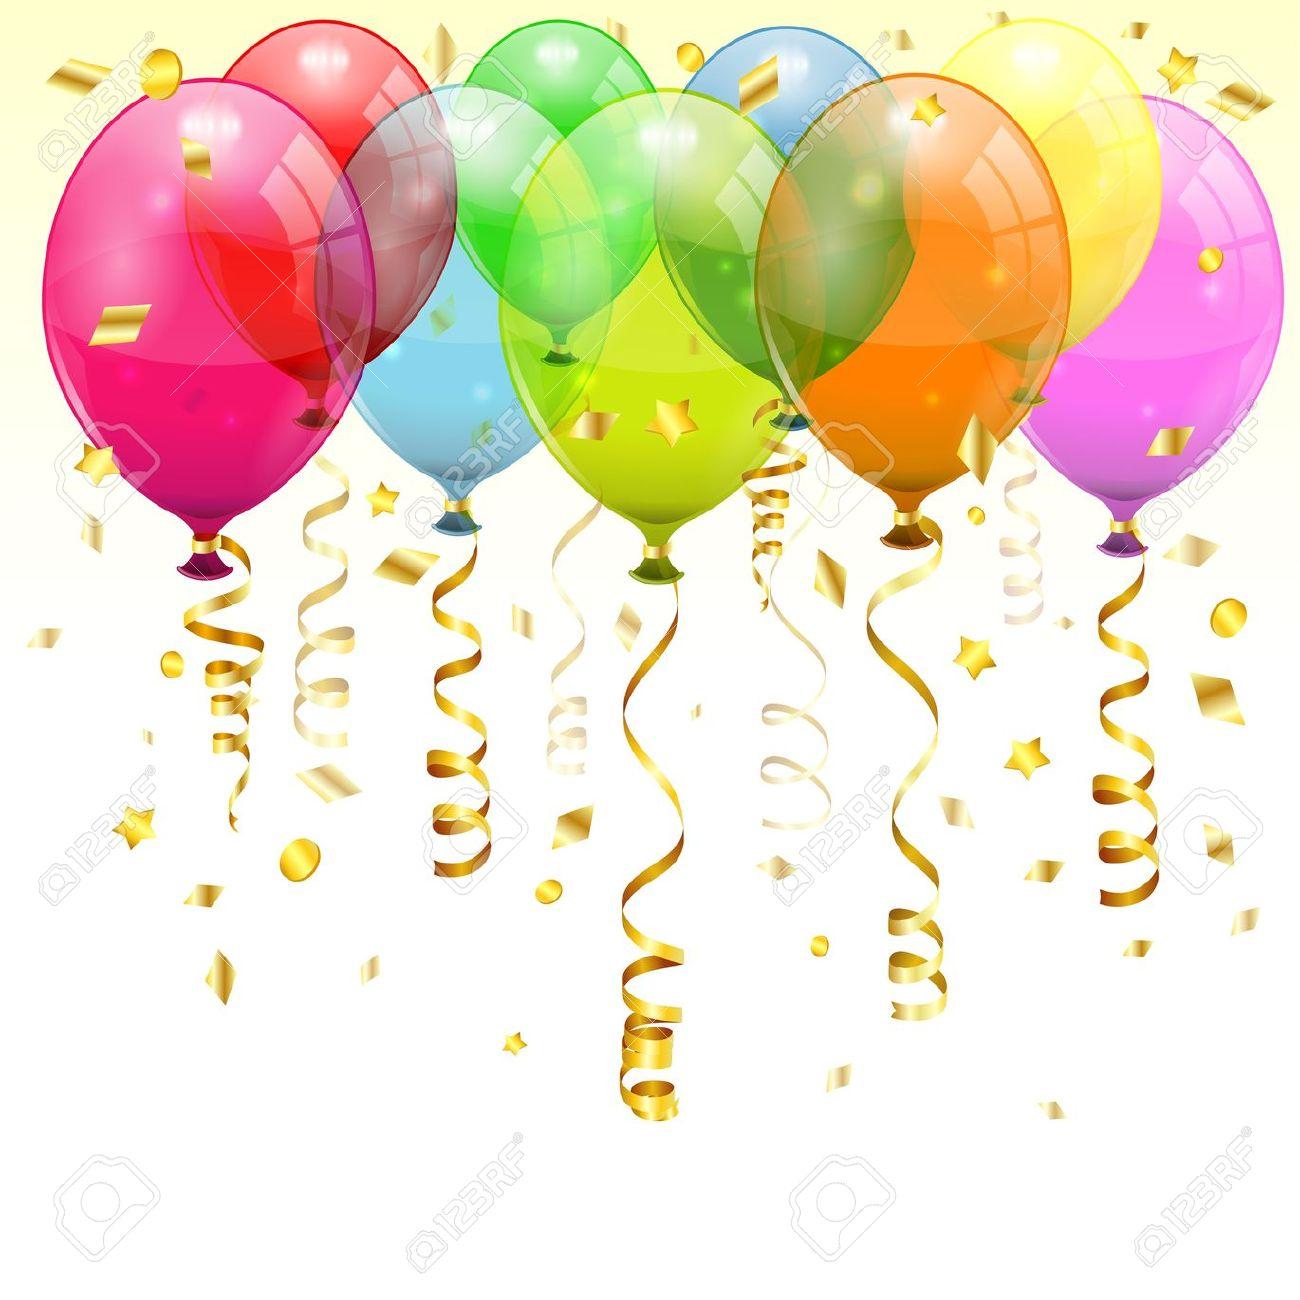 Clipart luftballon geburtstag free stock Geburtstag Hintergrund Mit 3D Transparent Geburtstag Luftballons ... free stock